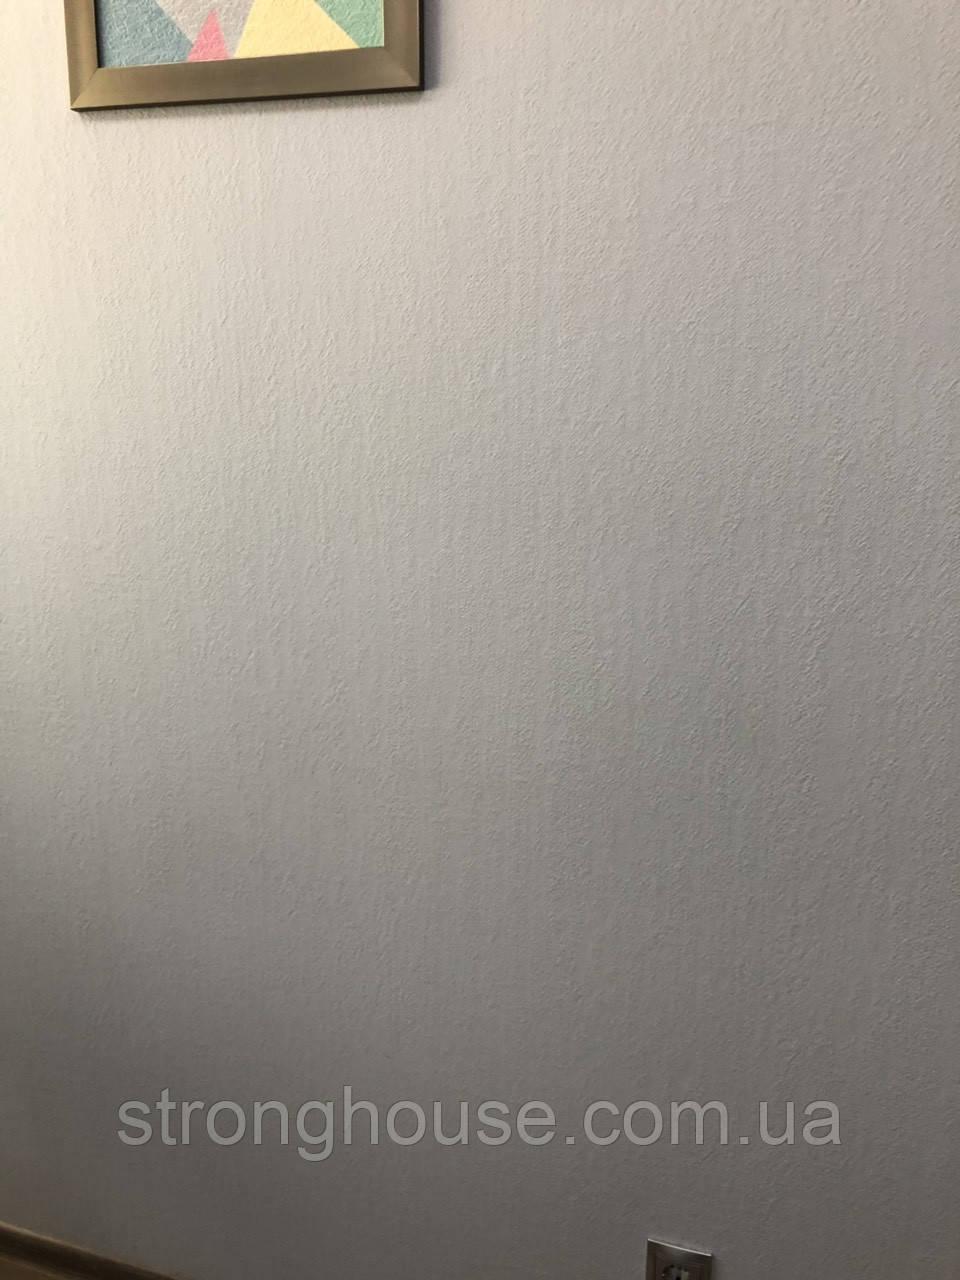 """Гранит WD853 обои стеклотканевые стеклообои  """"Wellton Decor"""" (Велтон Декор) new"""